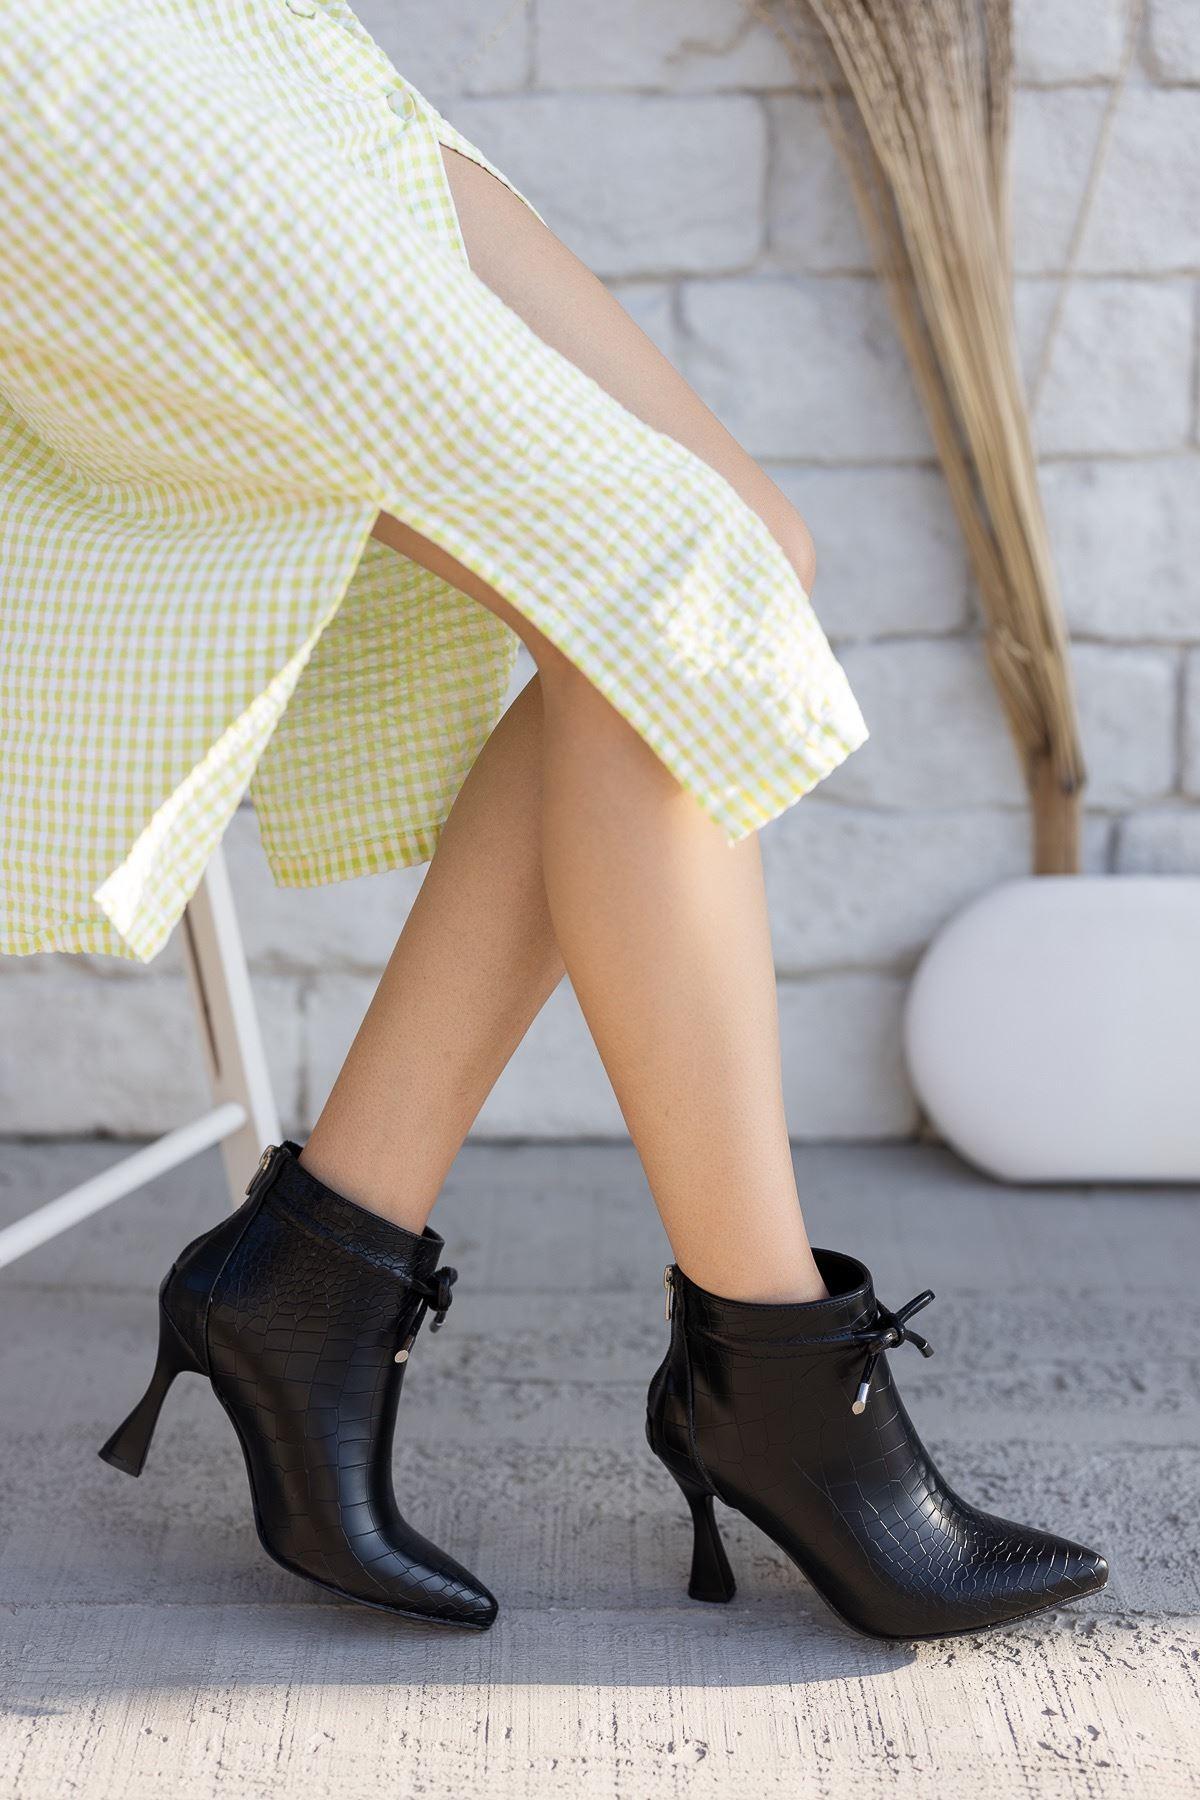 Kadın Minke Yüksek Kadeh Topuklu Kroko Siyah Bot